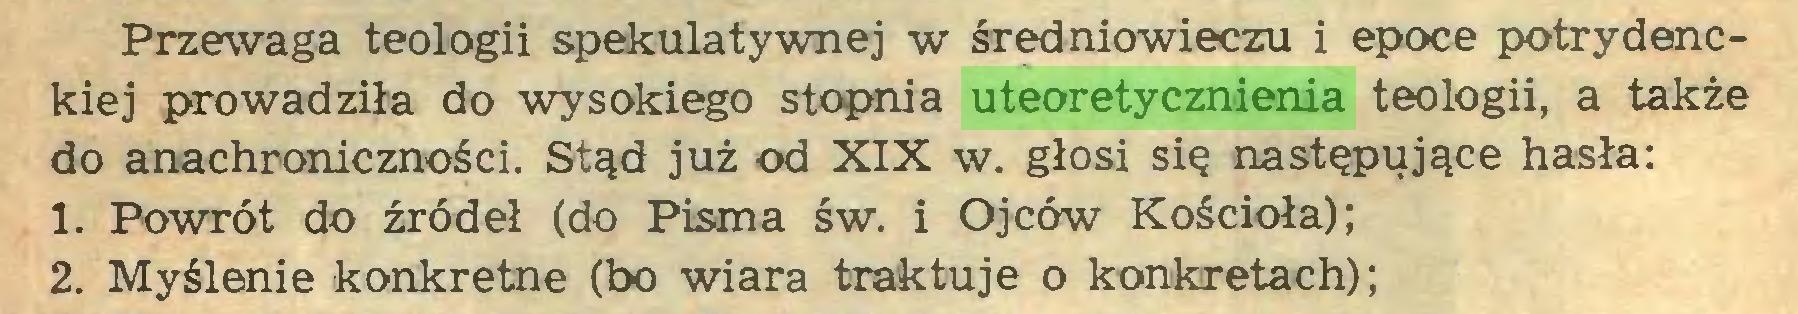 (...) Przewaga teologii spekulatywnej w średniowieczu i epoce potrydenckiej prowadziła do wysokiego stopnia uteoretycznienia teologii, a także do anachroniczności. Stąd już od XIX w. głosi się następujące hasła: 1. Powrót do źródeł (do Pisma św. i Ojców Kościoła); 2. Myślenie konkretne (bo wiara traktuje o konkretach);...